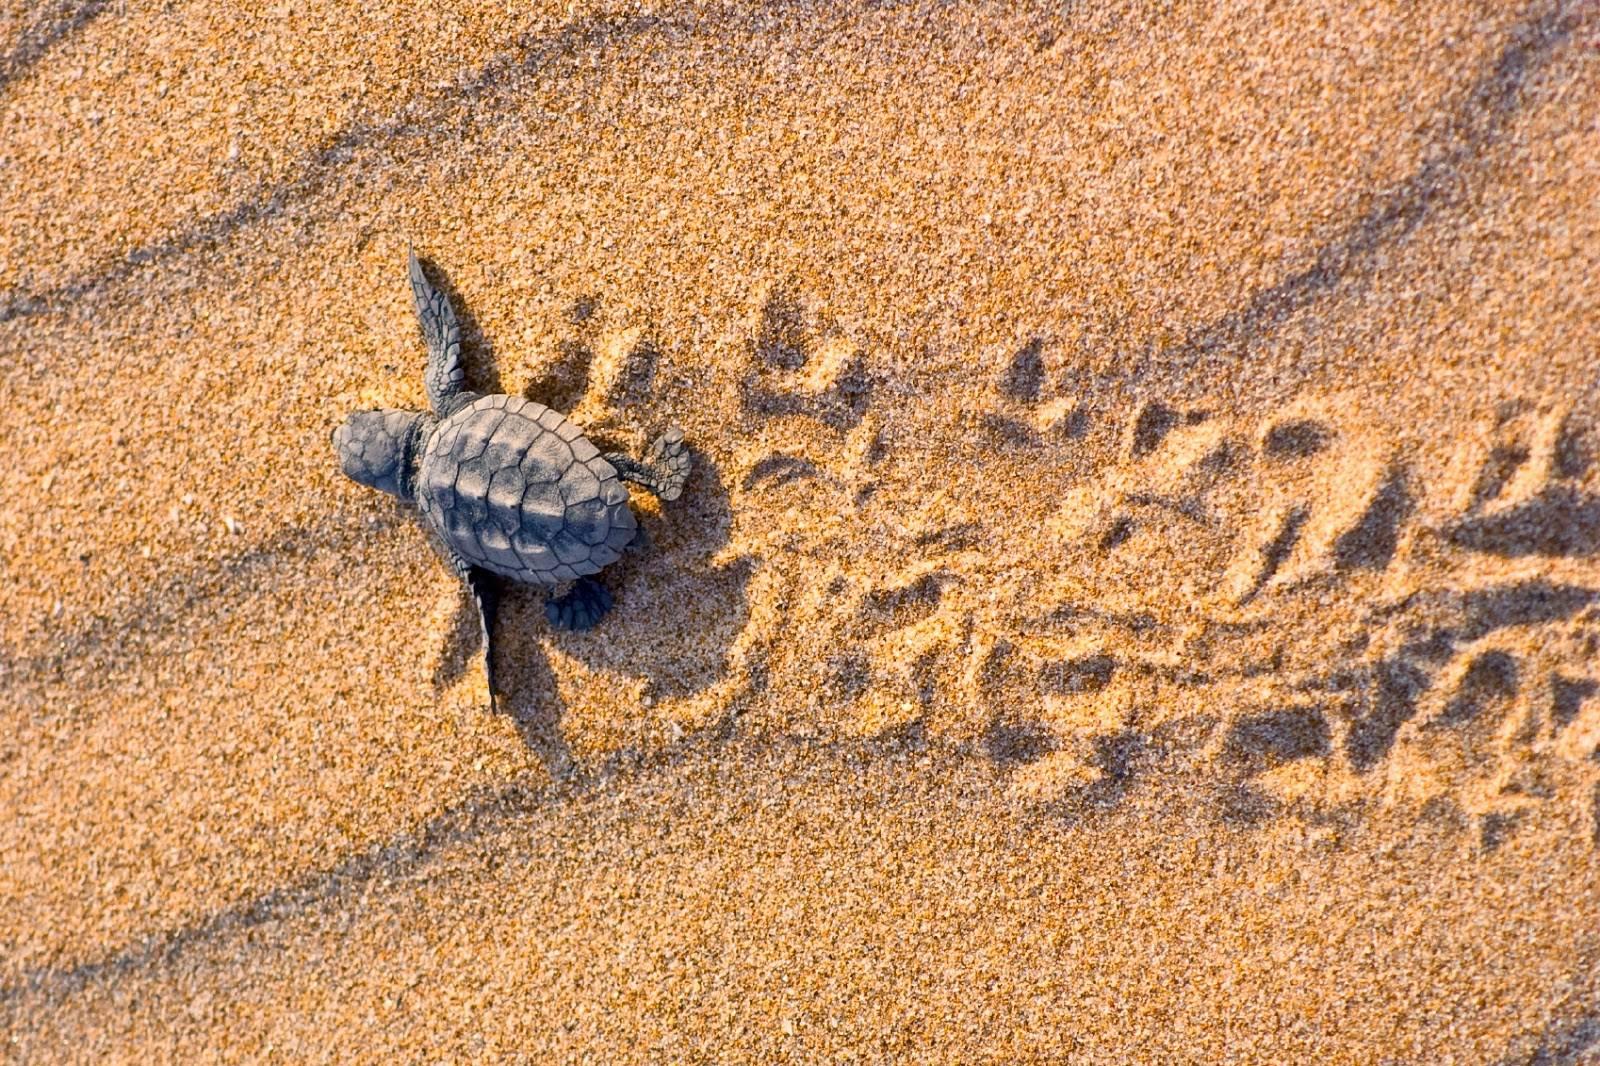 Дождались! на пляже лара на полуострове акамас вылупились первые черепашки в 2019 году